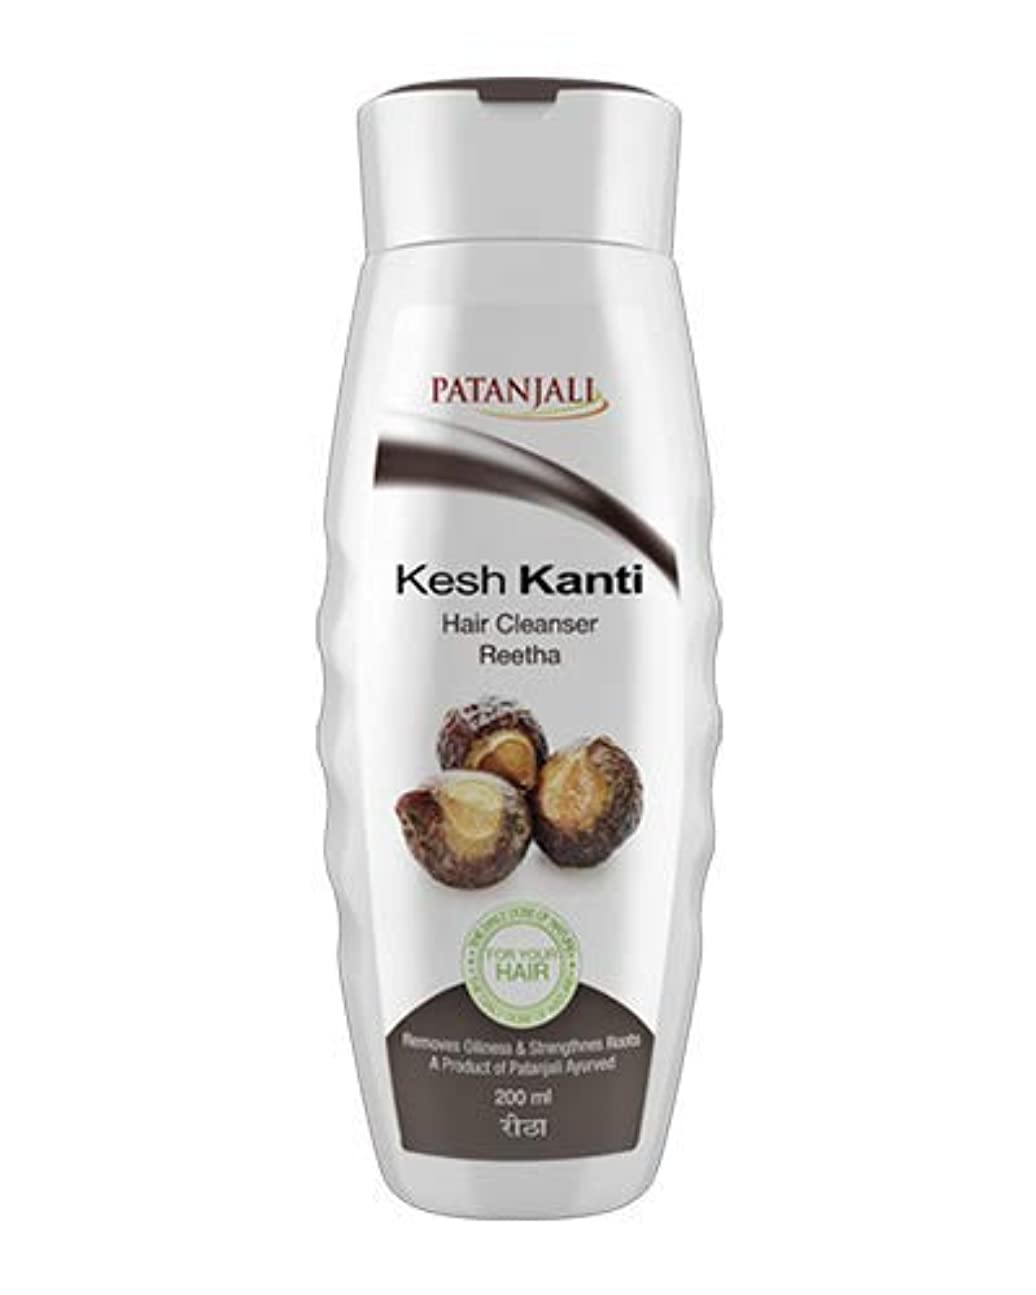 アクセシブルペダルジュラシックパークPatanjali Kesh Kanti Reetha Hair Cleanser Shampoo, 200ml